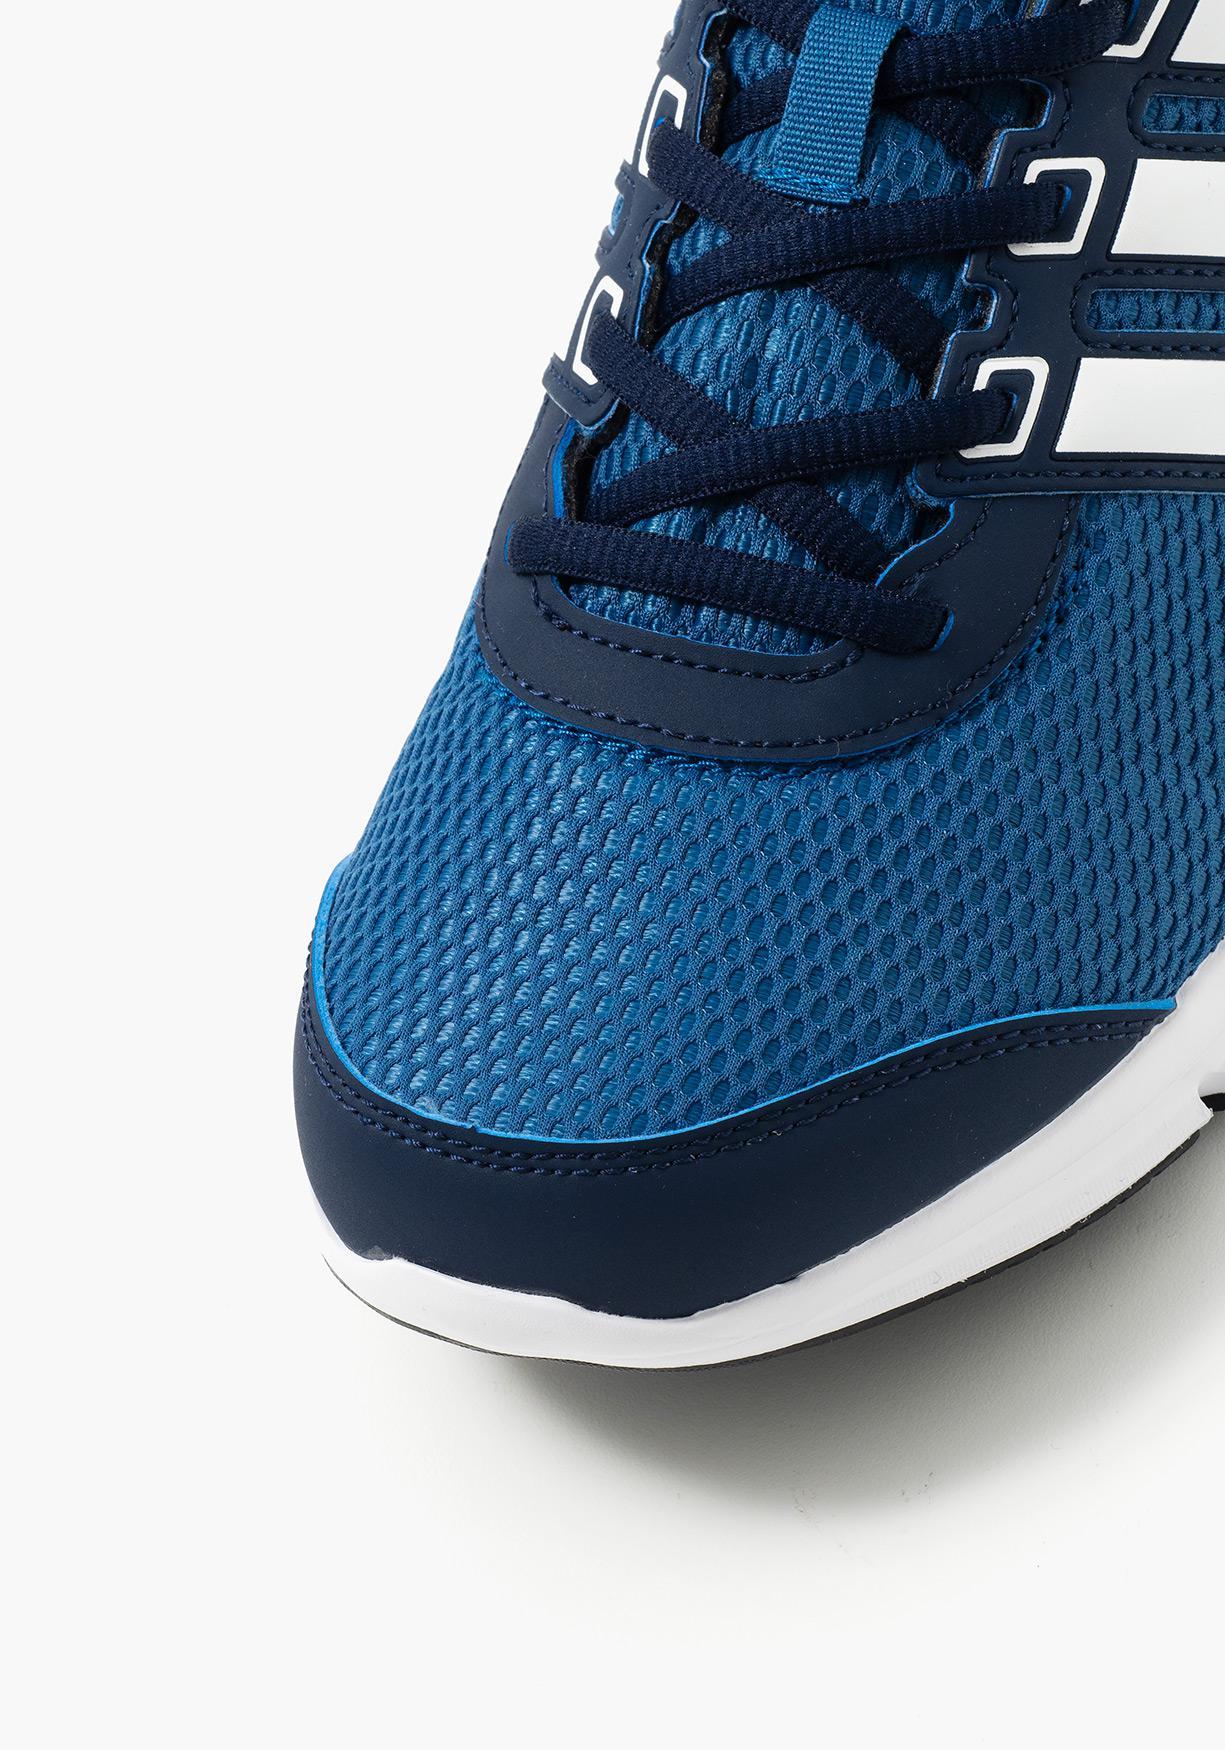 bc7857d3c Comprar Zapatillas de deporte ADIDAS. ¡Aprovéchate de nuestros ...